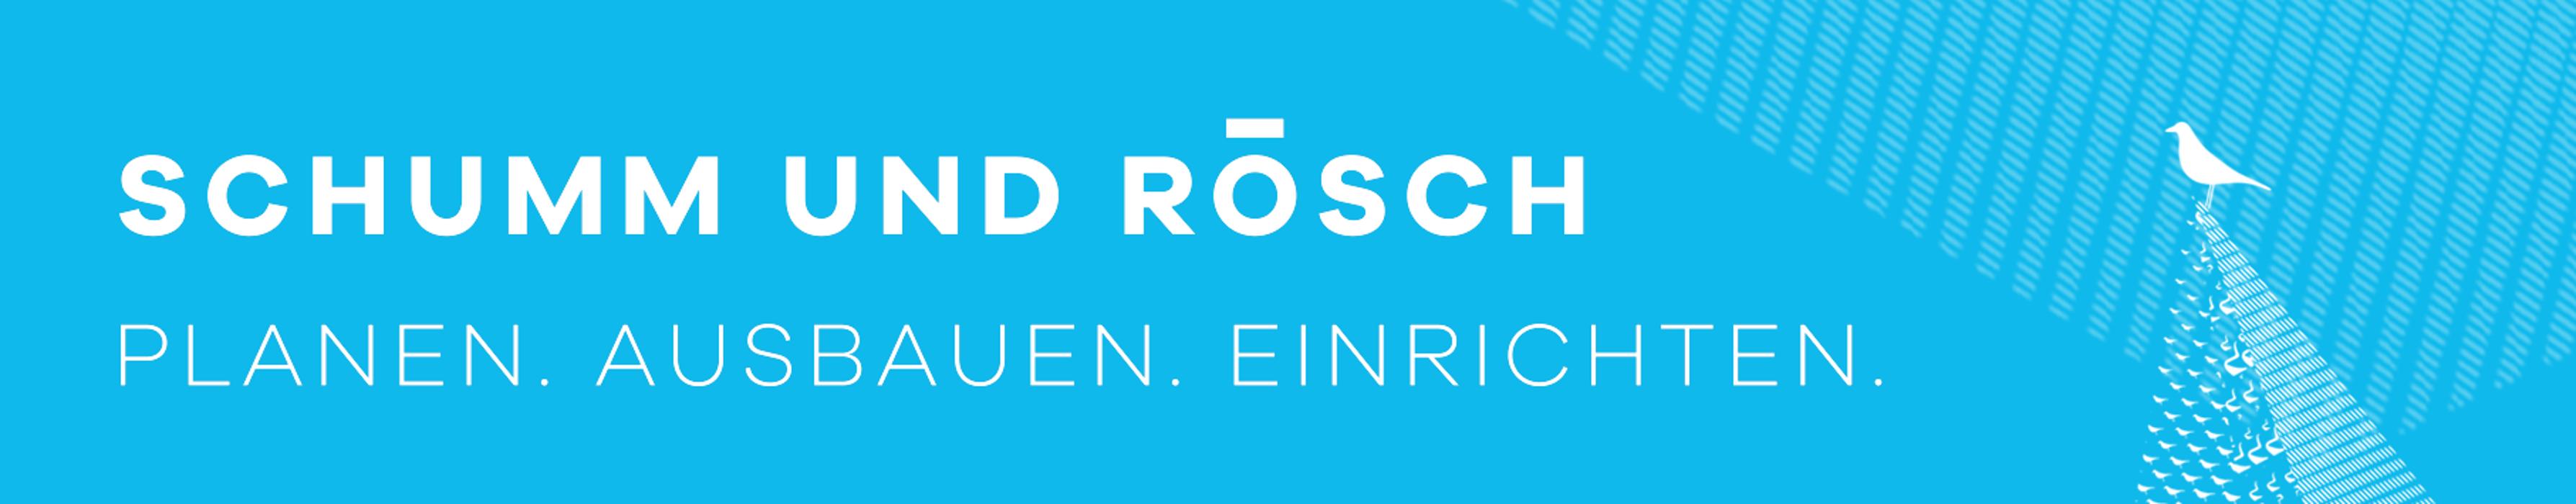 Logo von Schumm und Rösch - Planen, Ausbauen, Einrichten